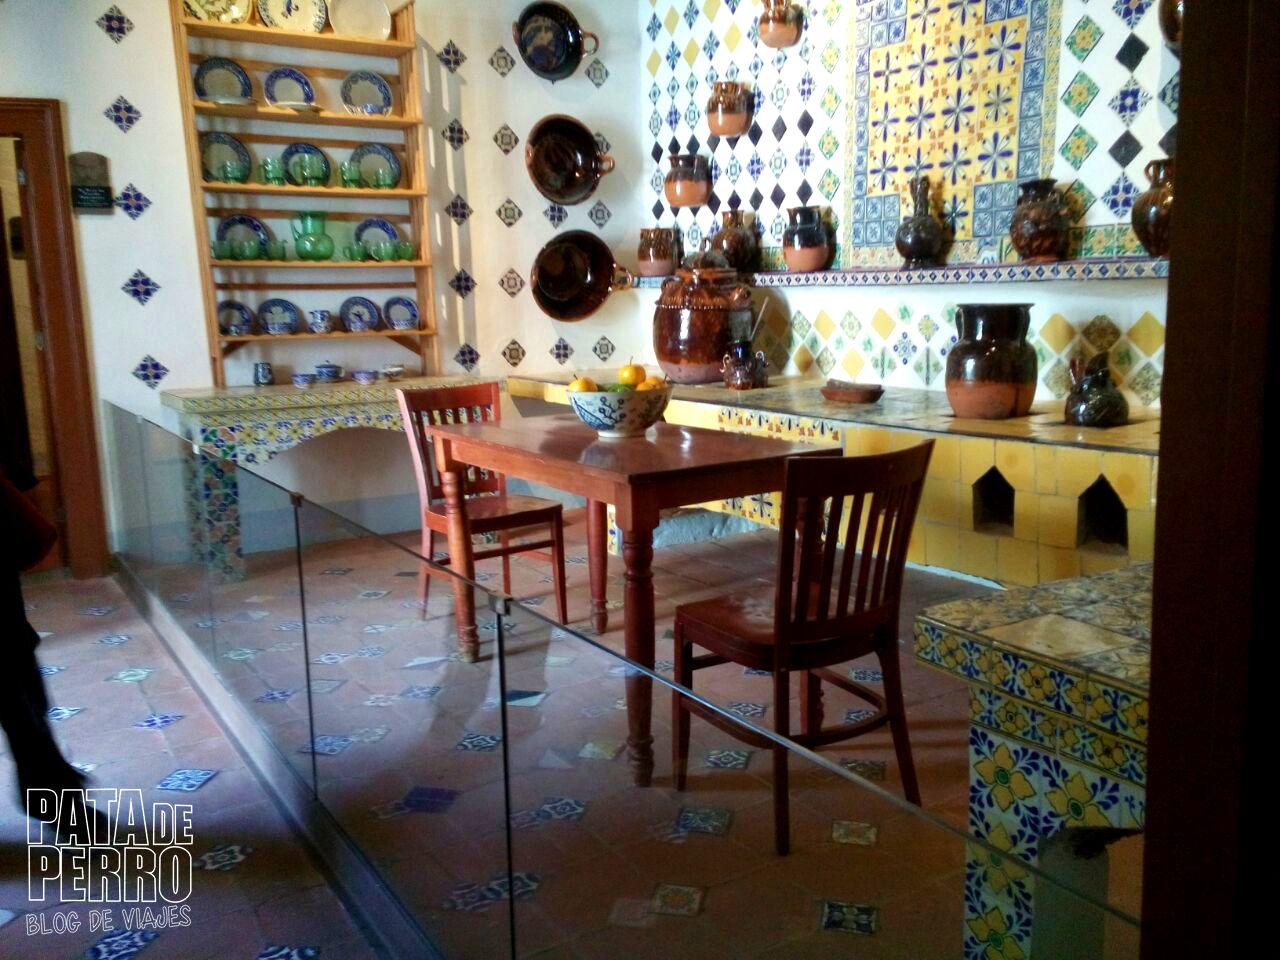 museo-regional-de-la-revolucion-mexicana-casa-de-los-hermanos-serdan-pata-de-perro-blog-de-viajes15